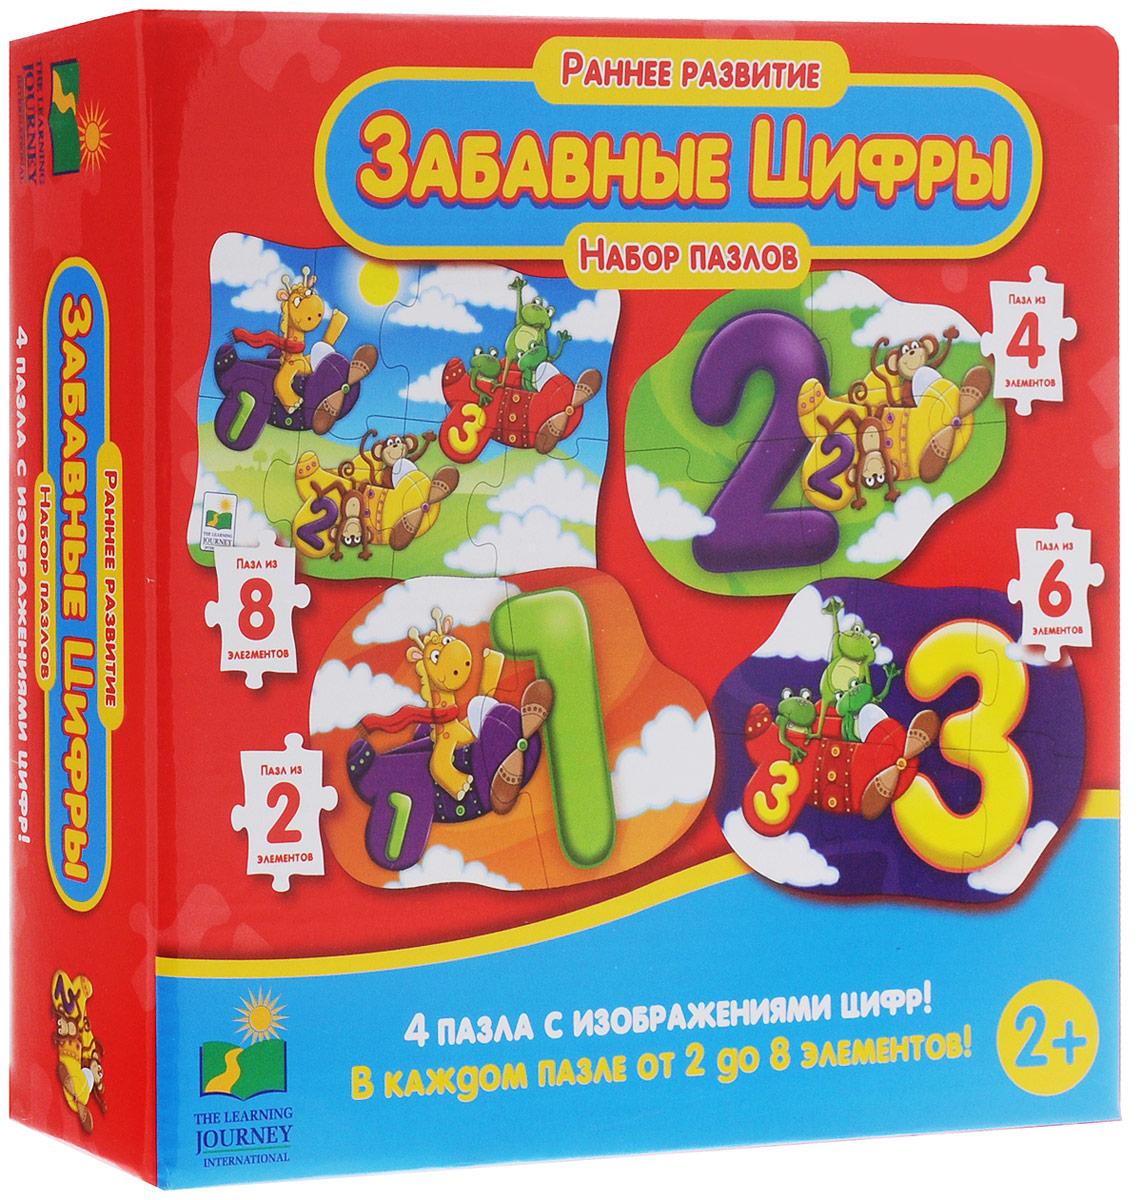 Learning Journey Пазл для малышей Забавные цифры 4 в 1 learning journey гигантская пожарная машина 30 элементов двухсторонний 699546